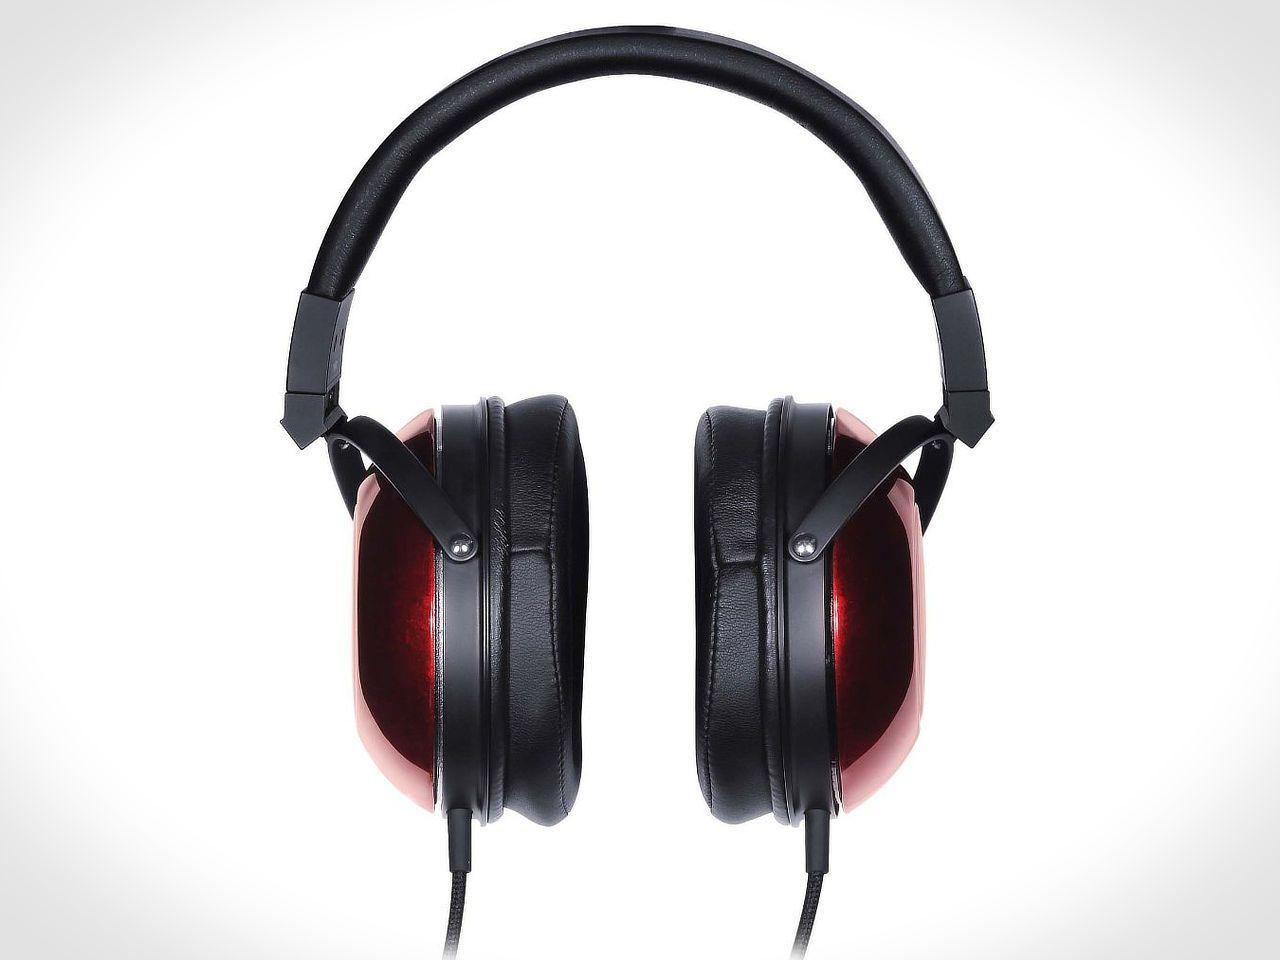 fostex-premium-headphones-004